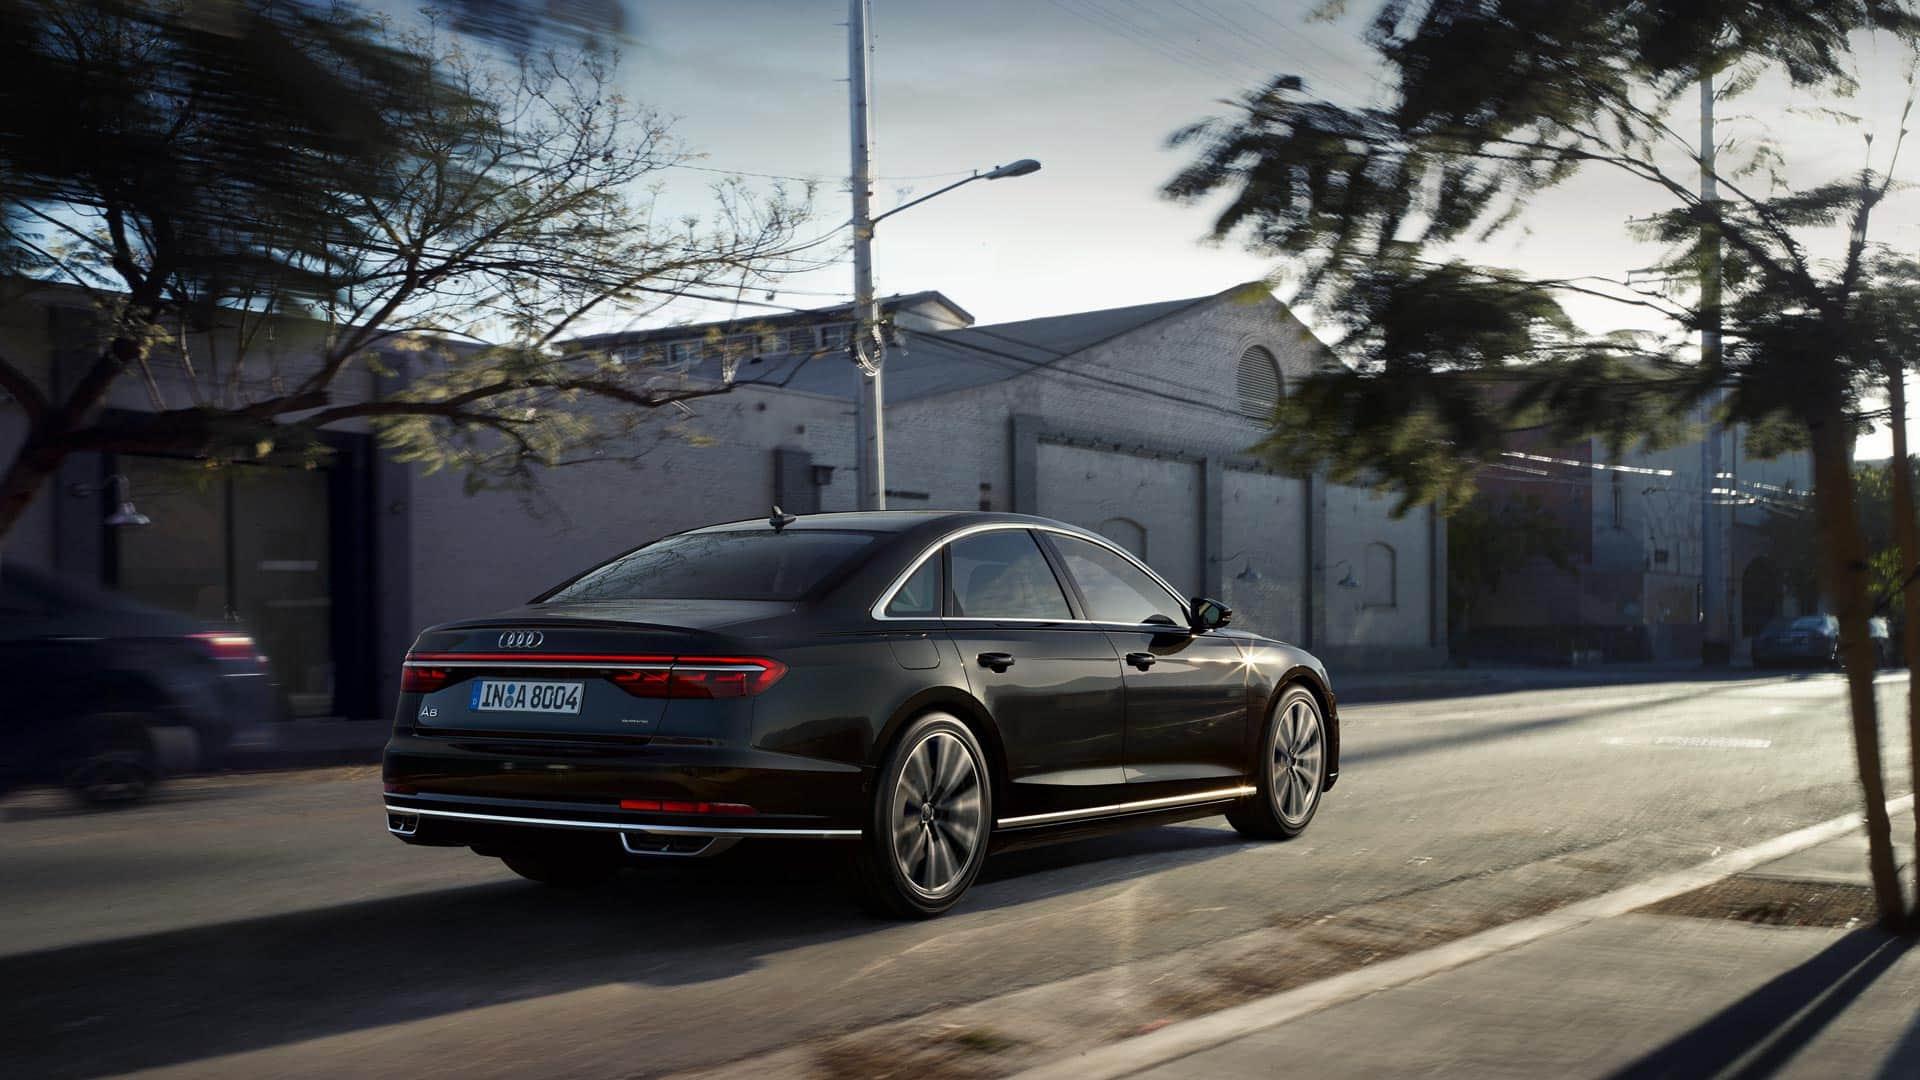 A8 Gt A8 Gt Audi Deutschland